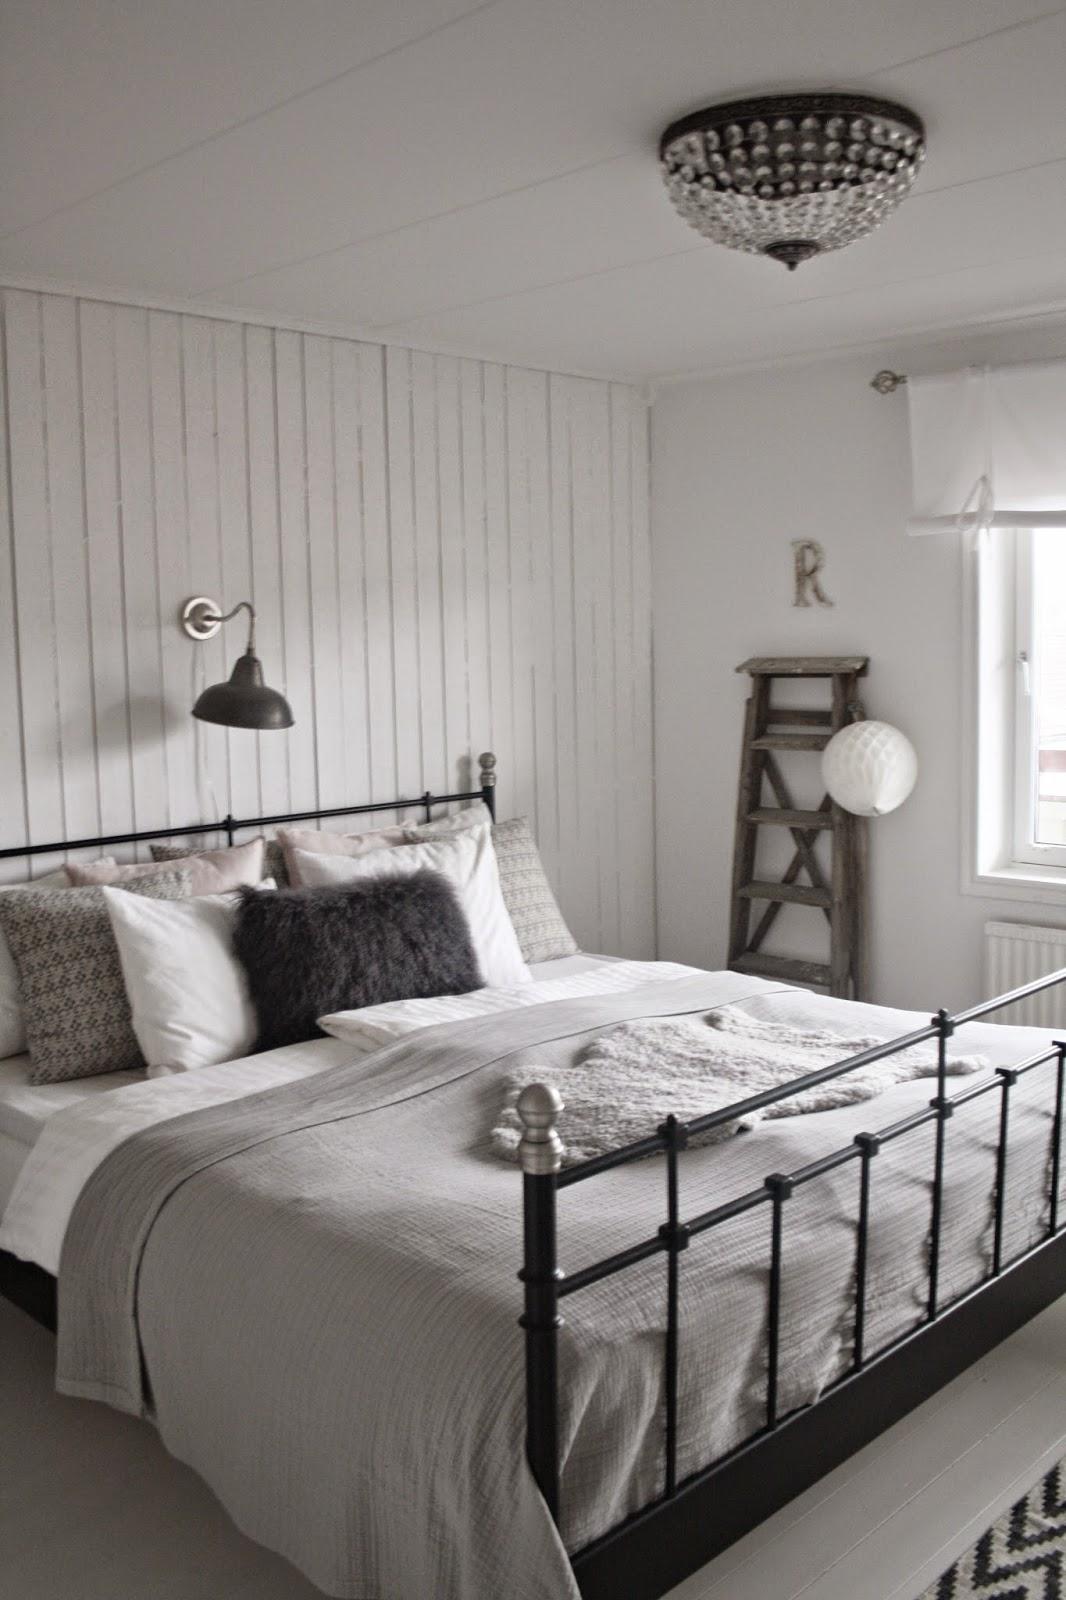 Vardagskärlek en blogg om inredning, lite lyx och mycket vardag Höststädat sovrum